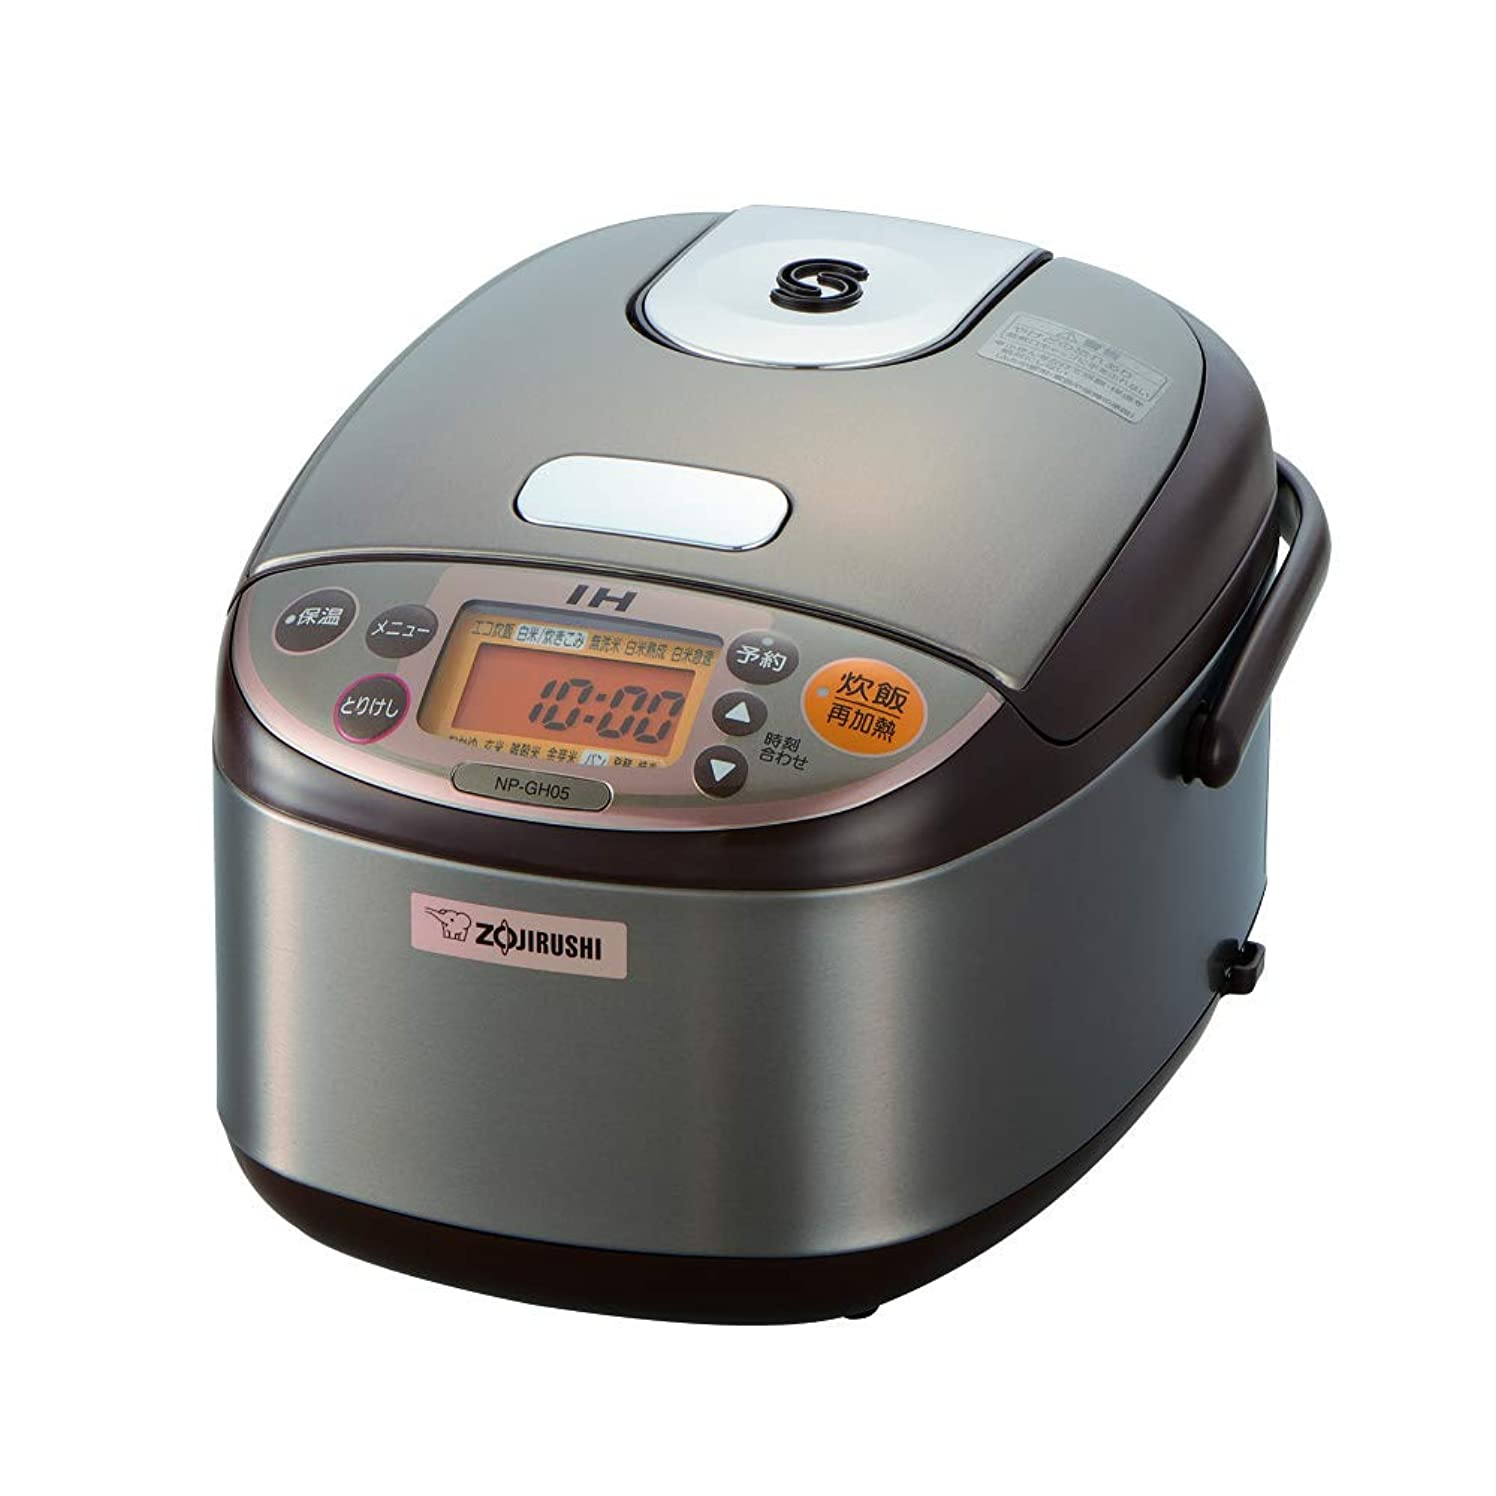 理解純度位置づける象印 IH炊飯器 3合炊き 一人暮らし ステンレスブラウン NP-GH05-XT